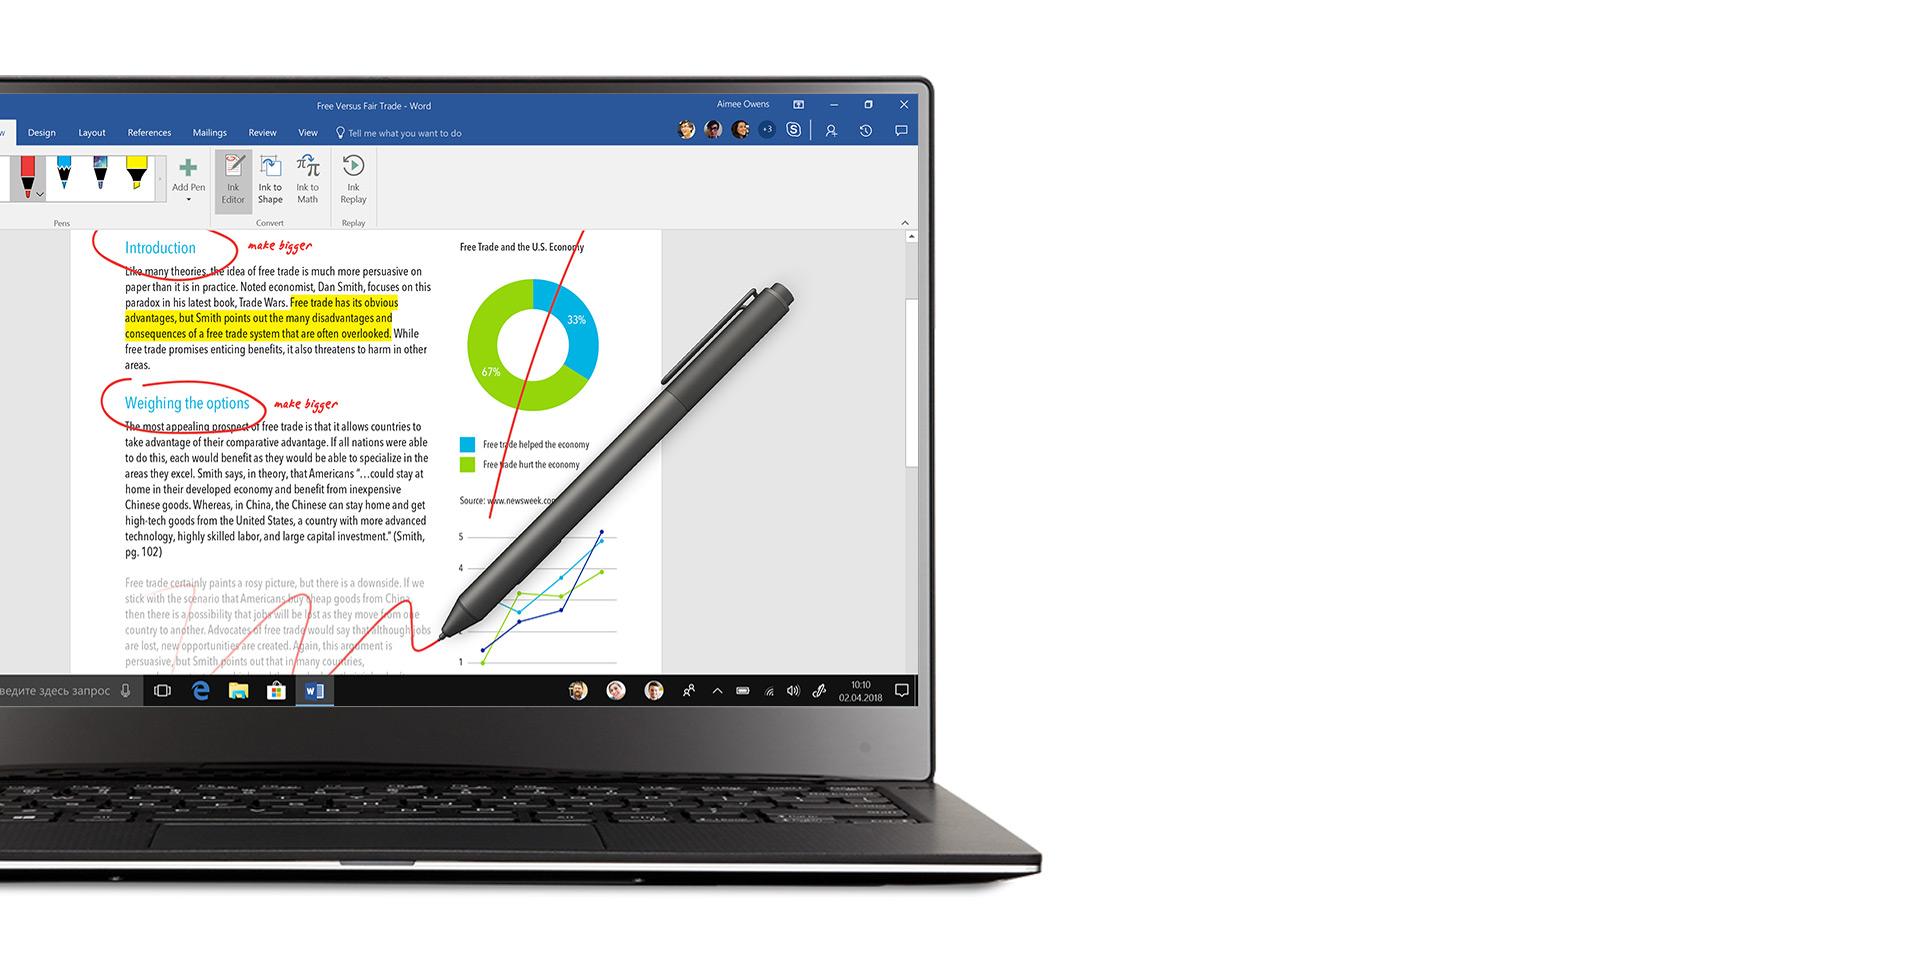 Notebook com Windows 10 e a tela do Word